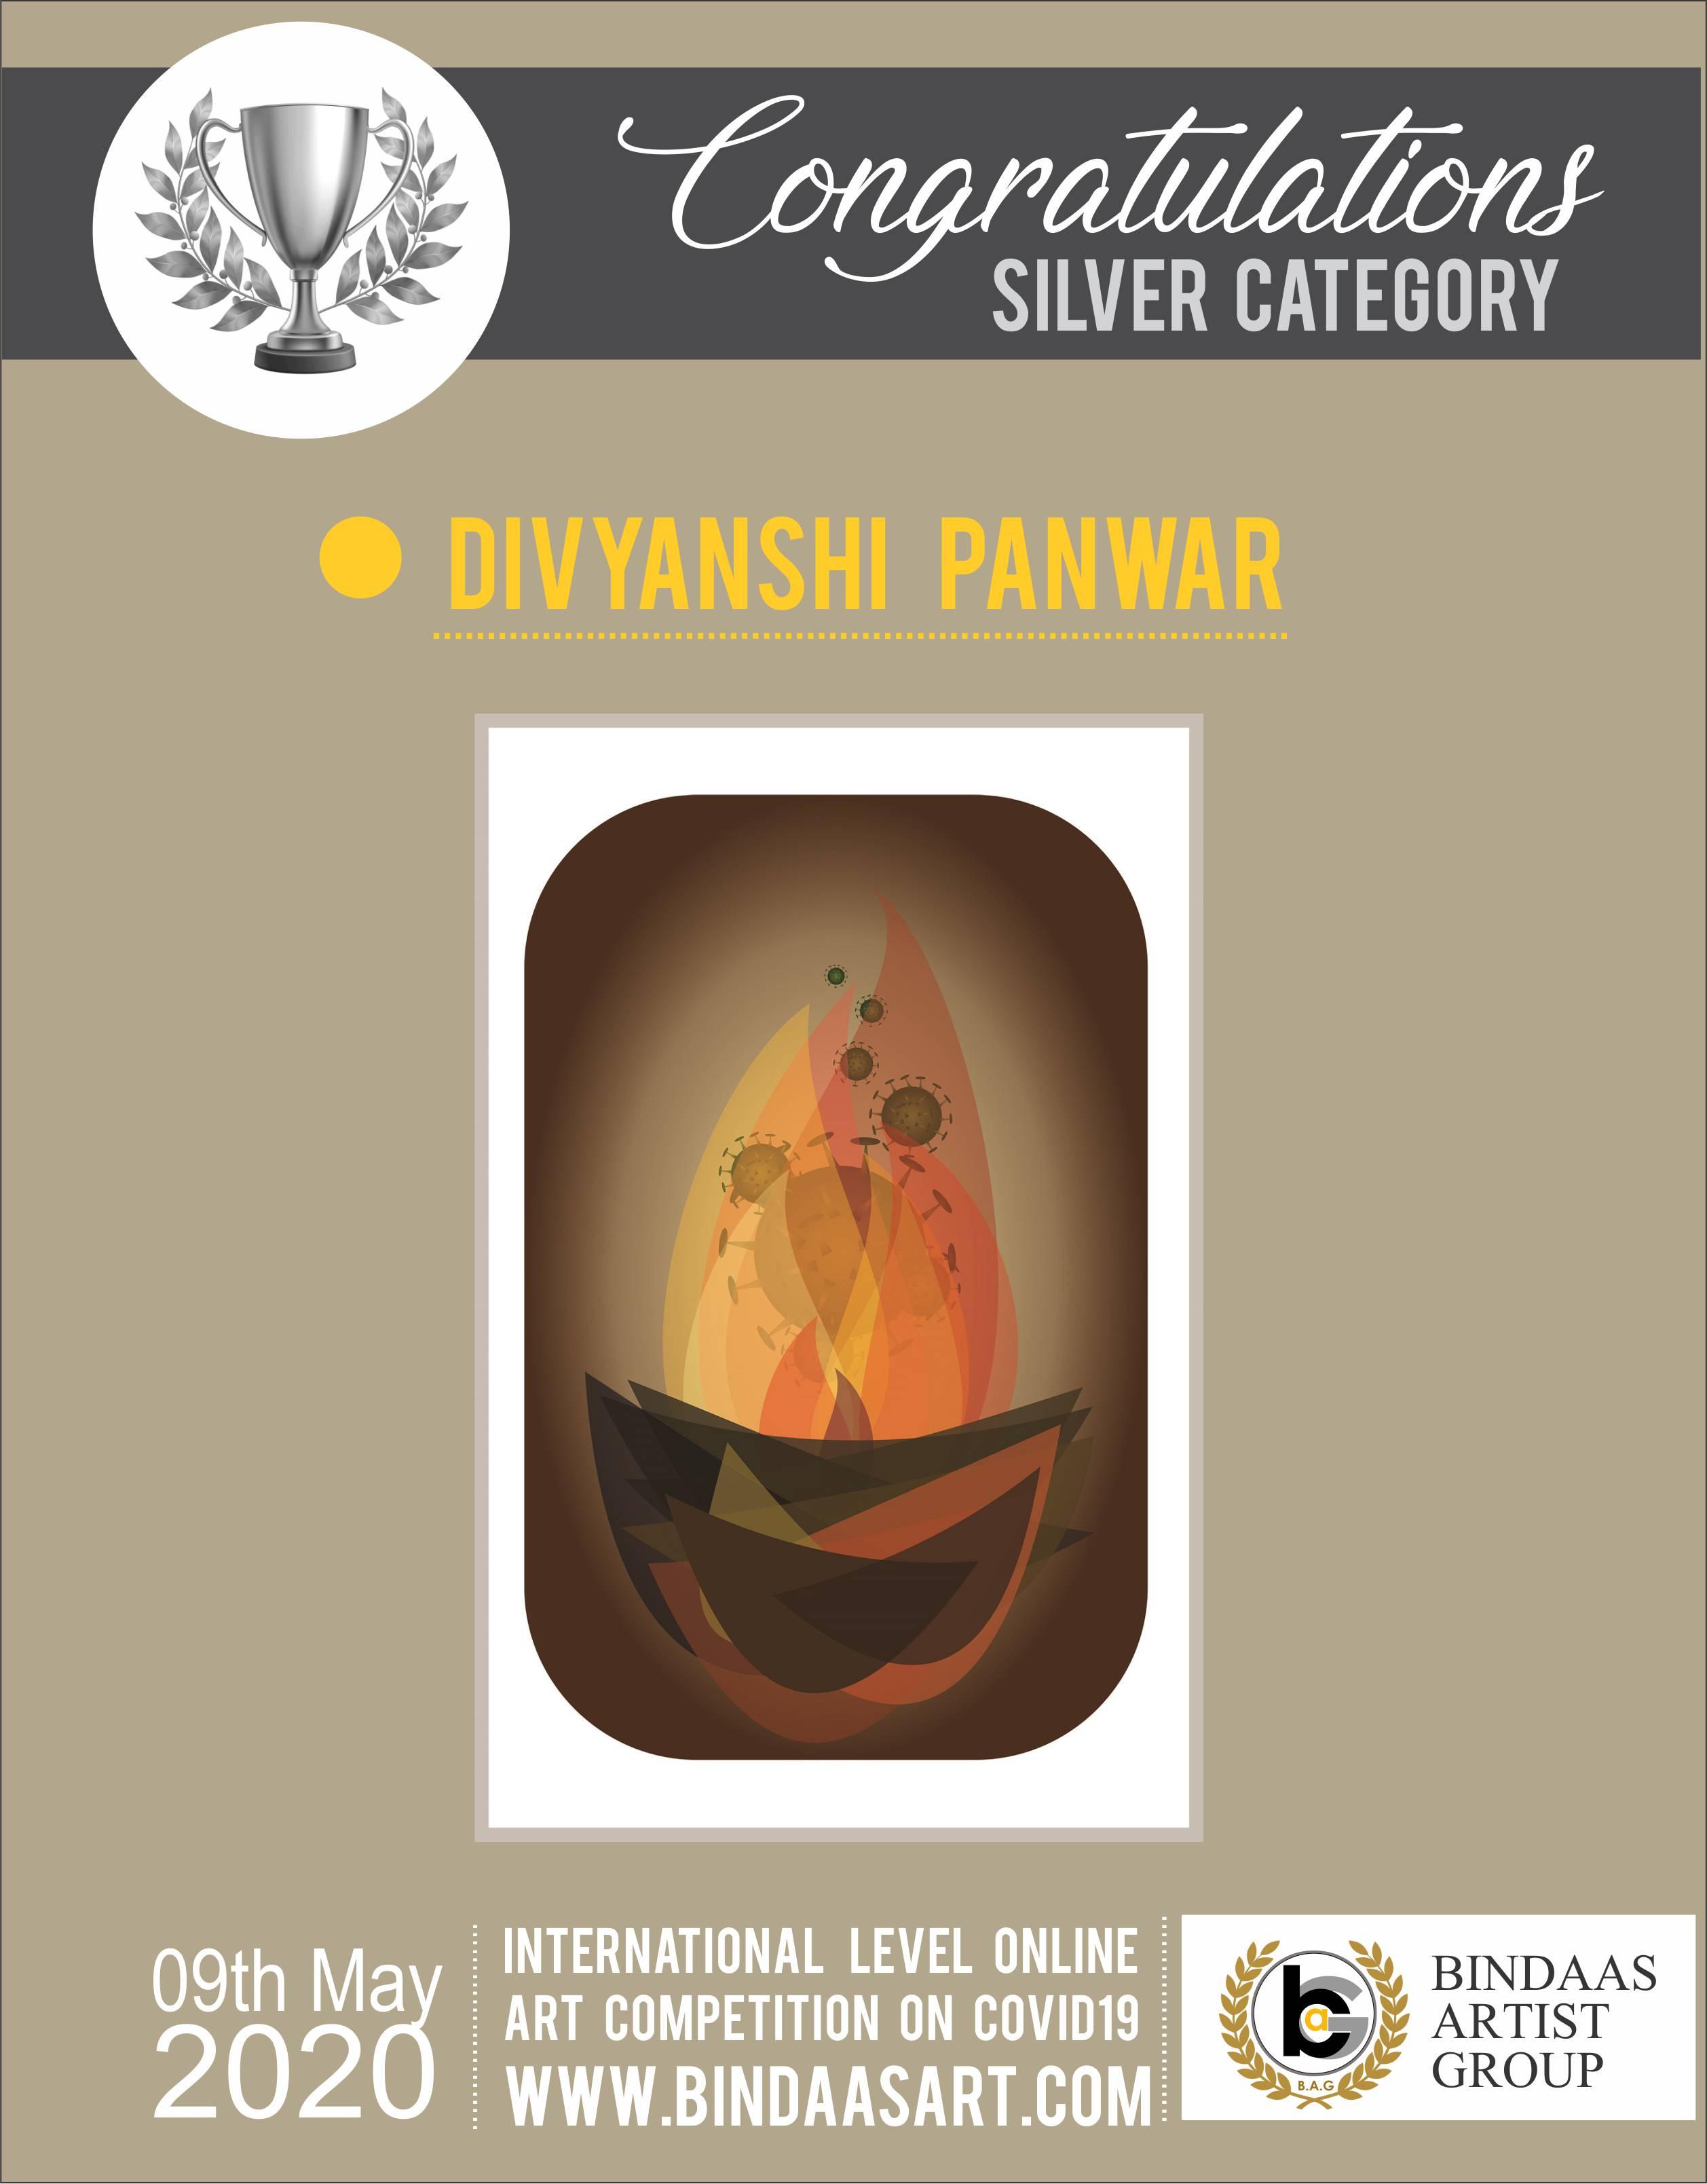 Divyanshi Panwar